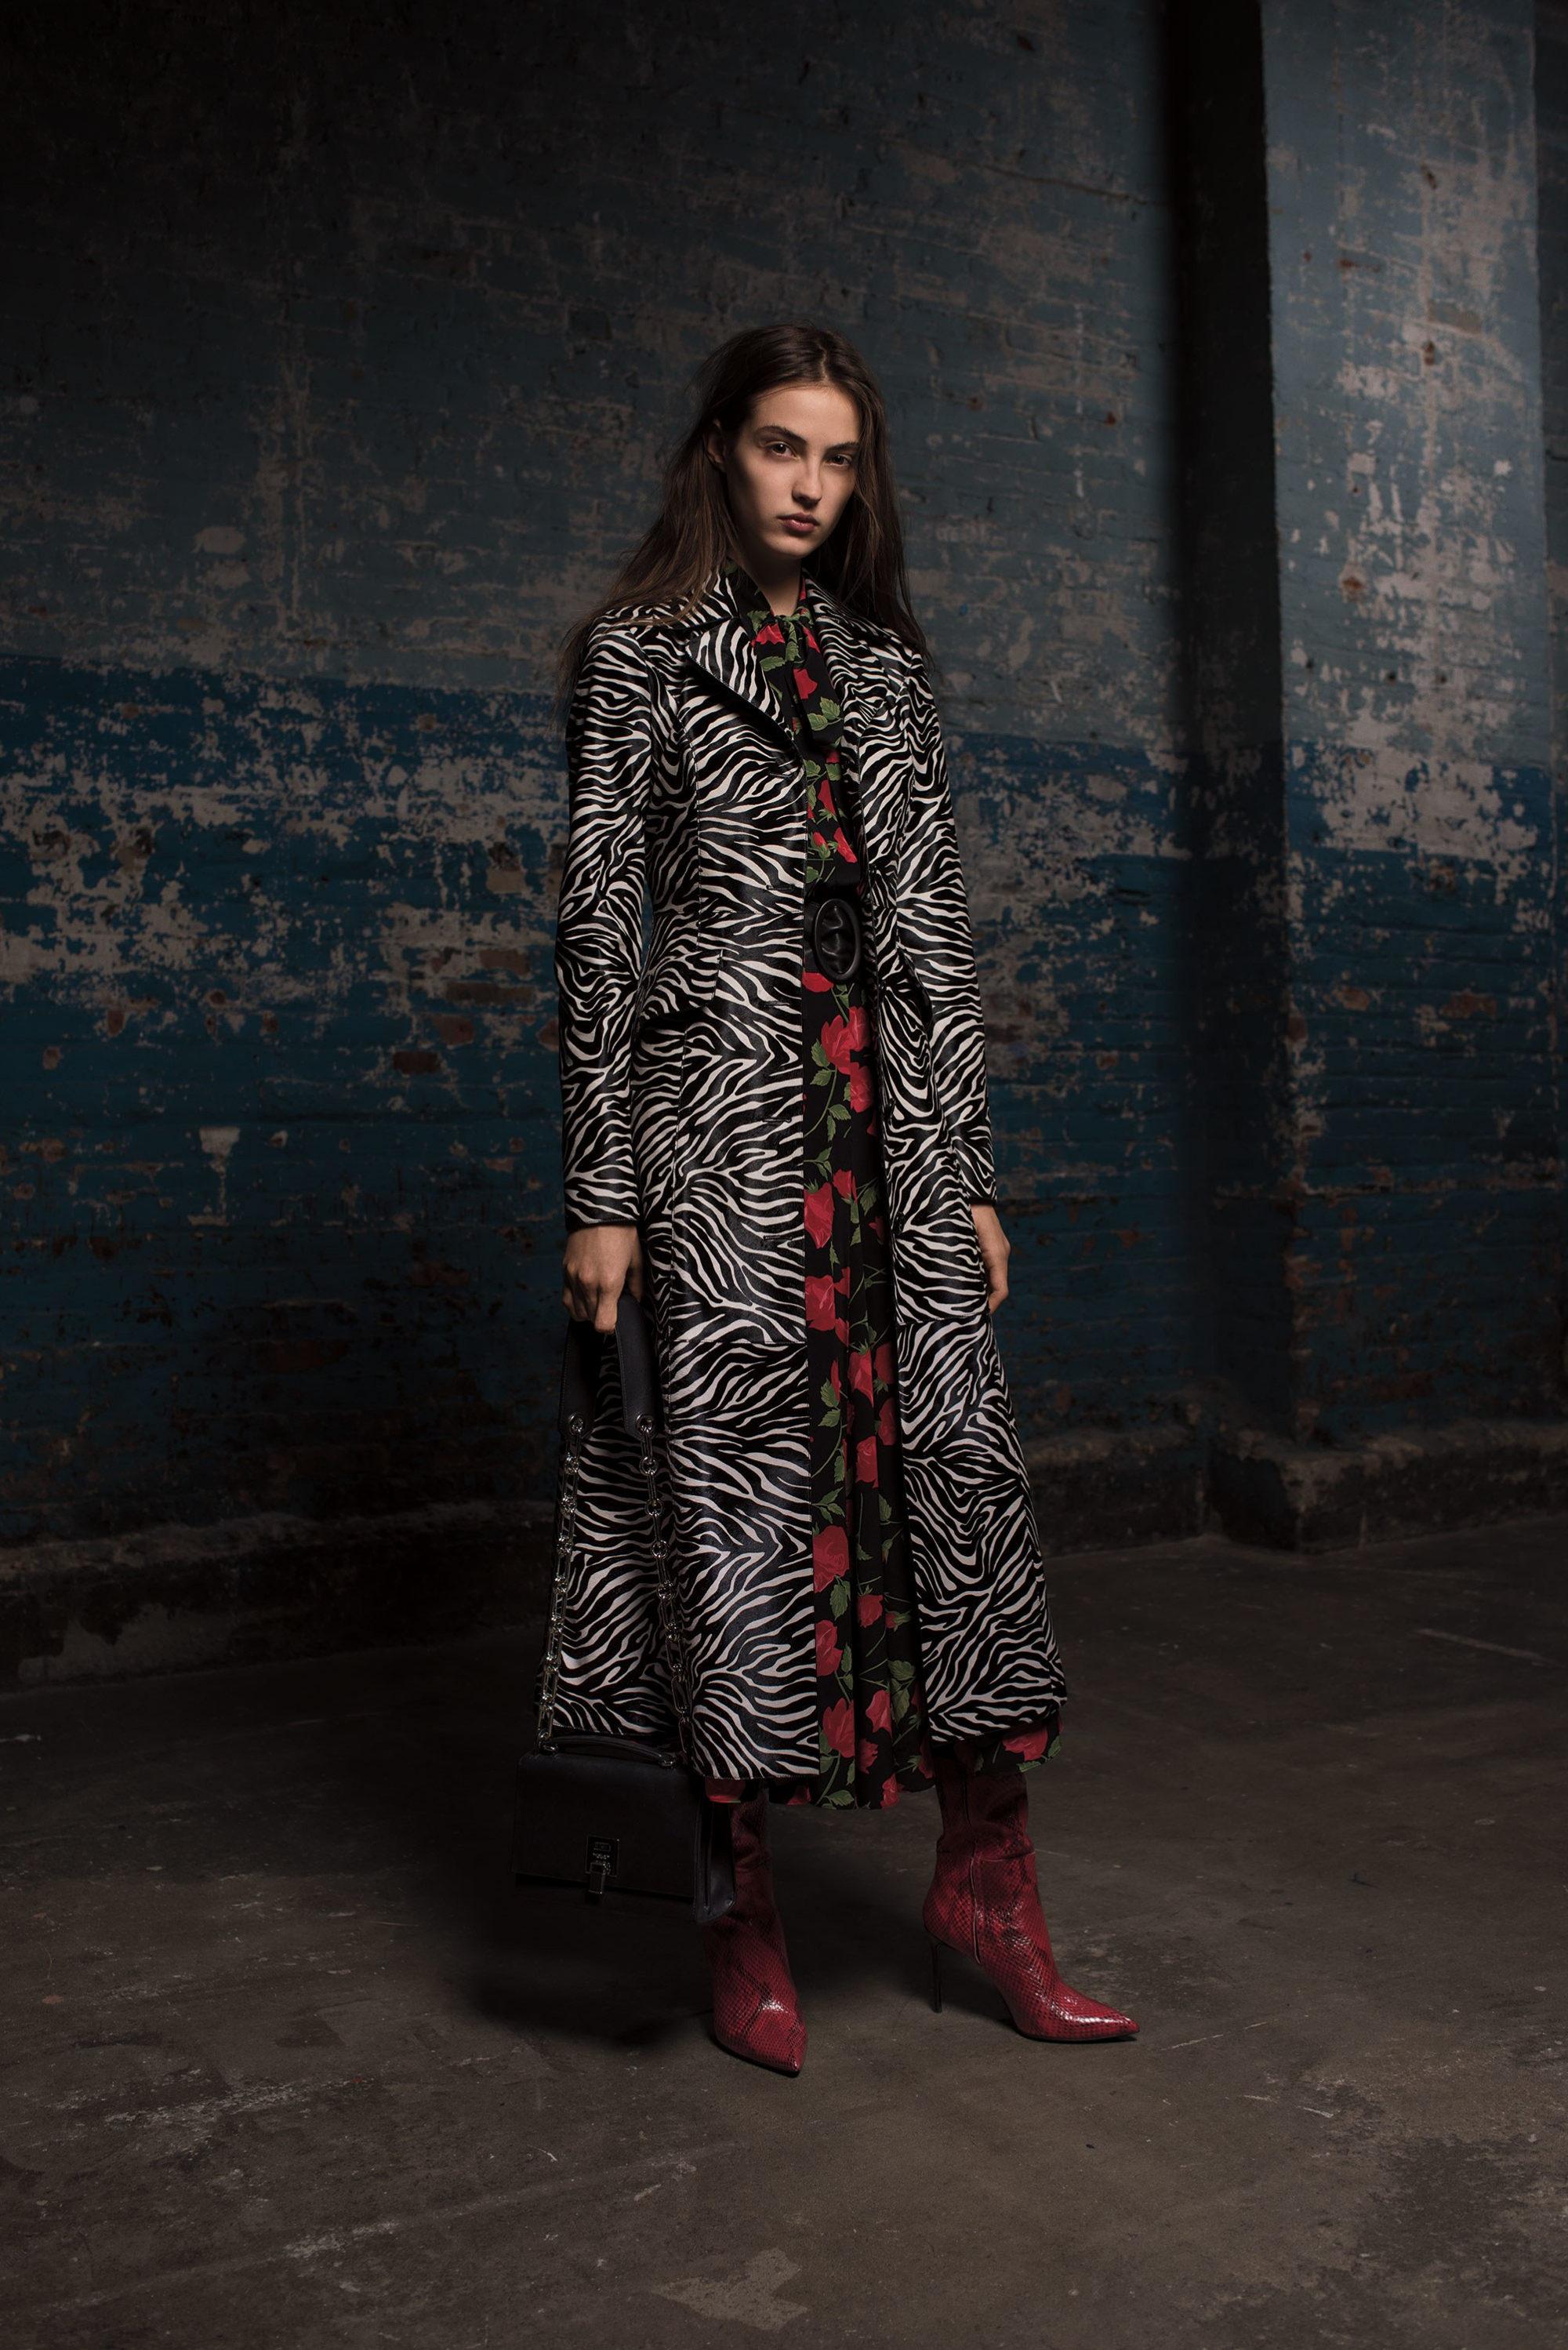 Michael Kors Collection длинное пальто 2019 расцветки под зебру